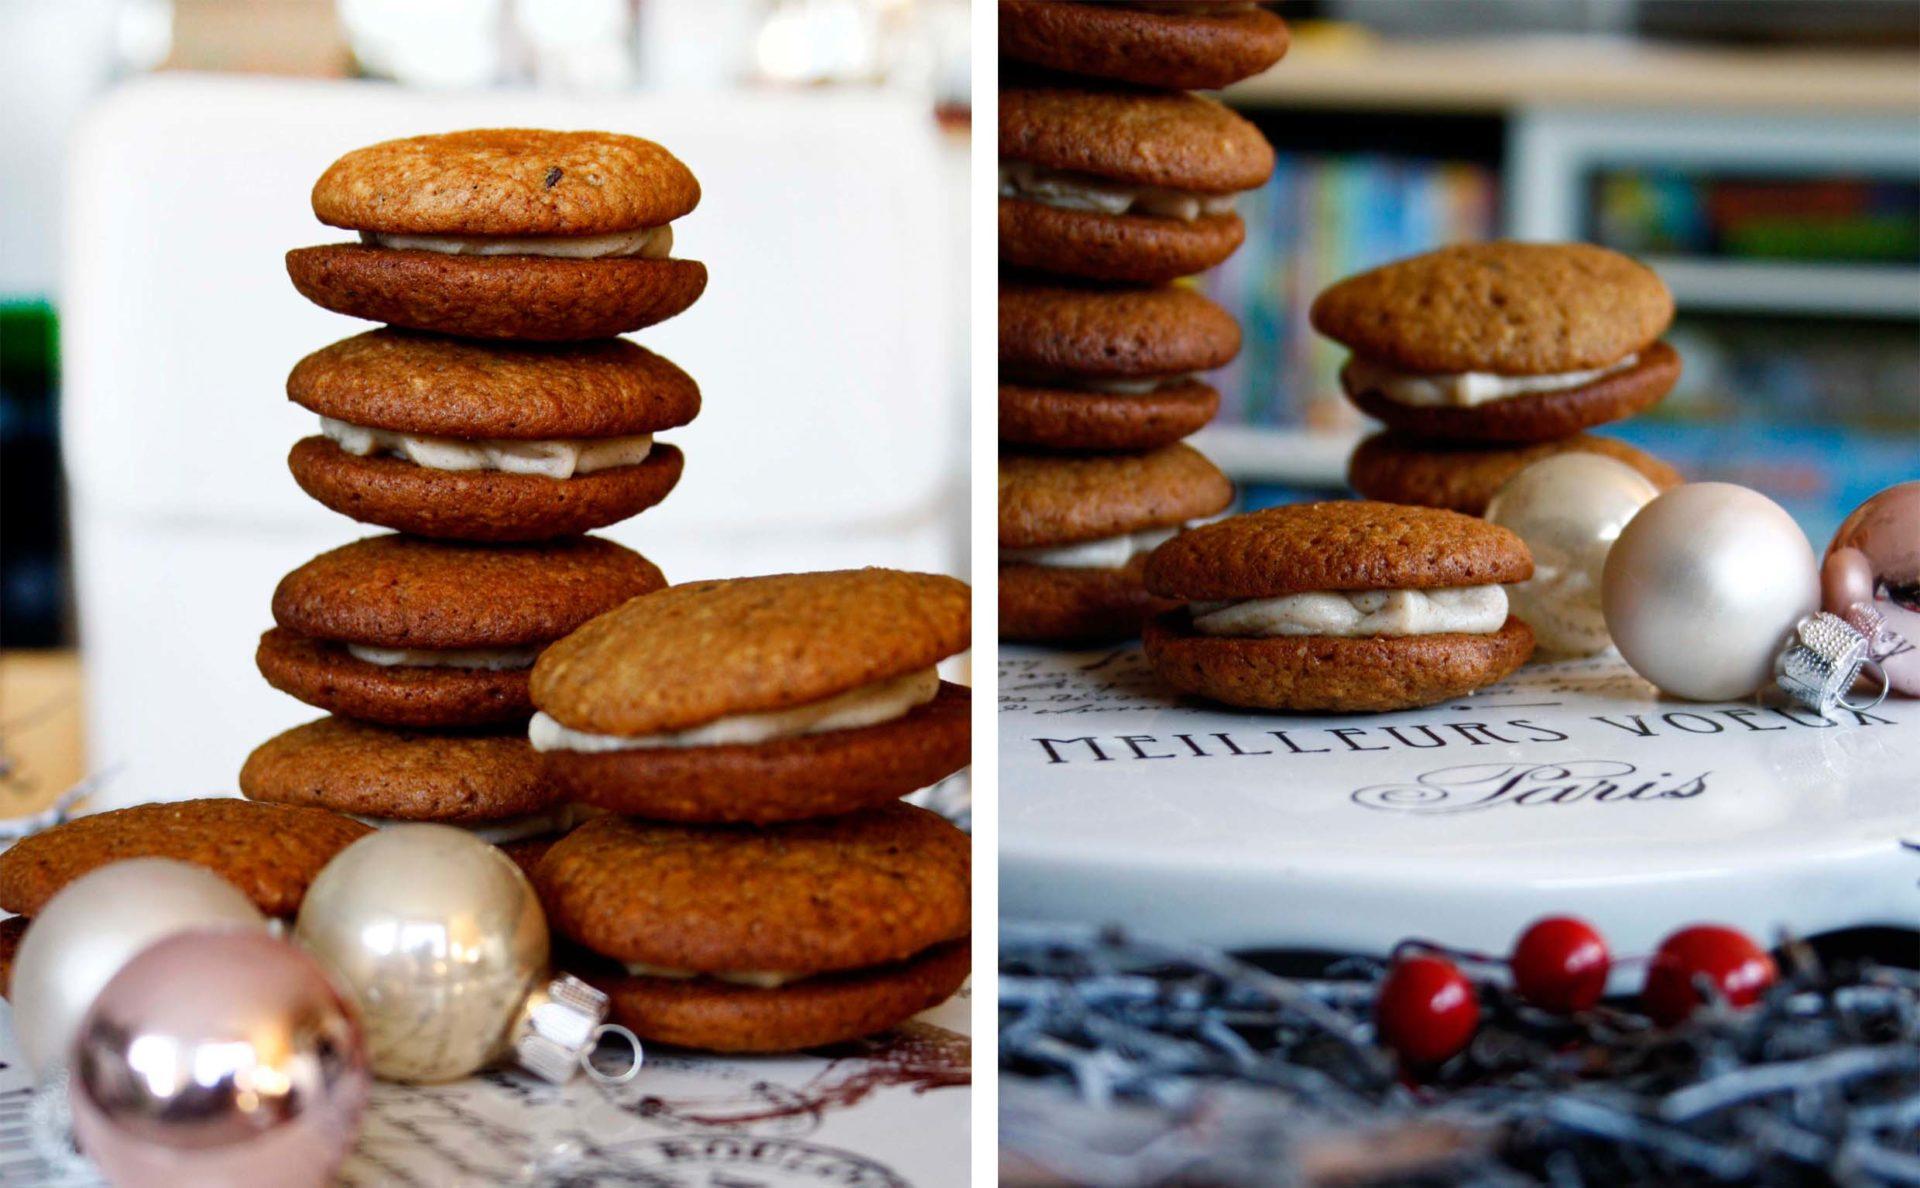 Tipps für Weihnachten: Whoopie Pies mit Ingwer // Xmas Ginger Whoopie Pies by http://babyrockmyday.com/whoopie-pies/